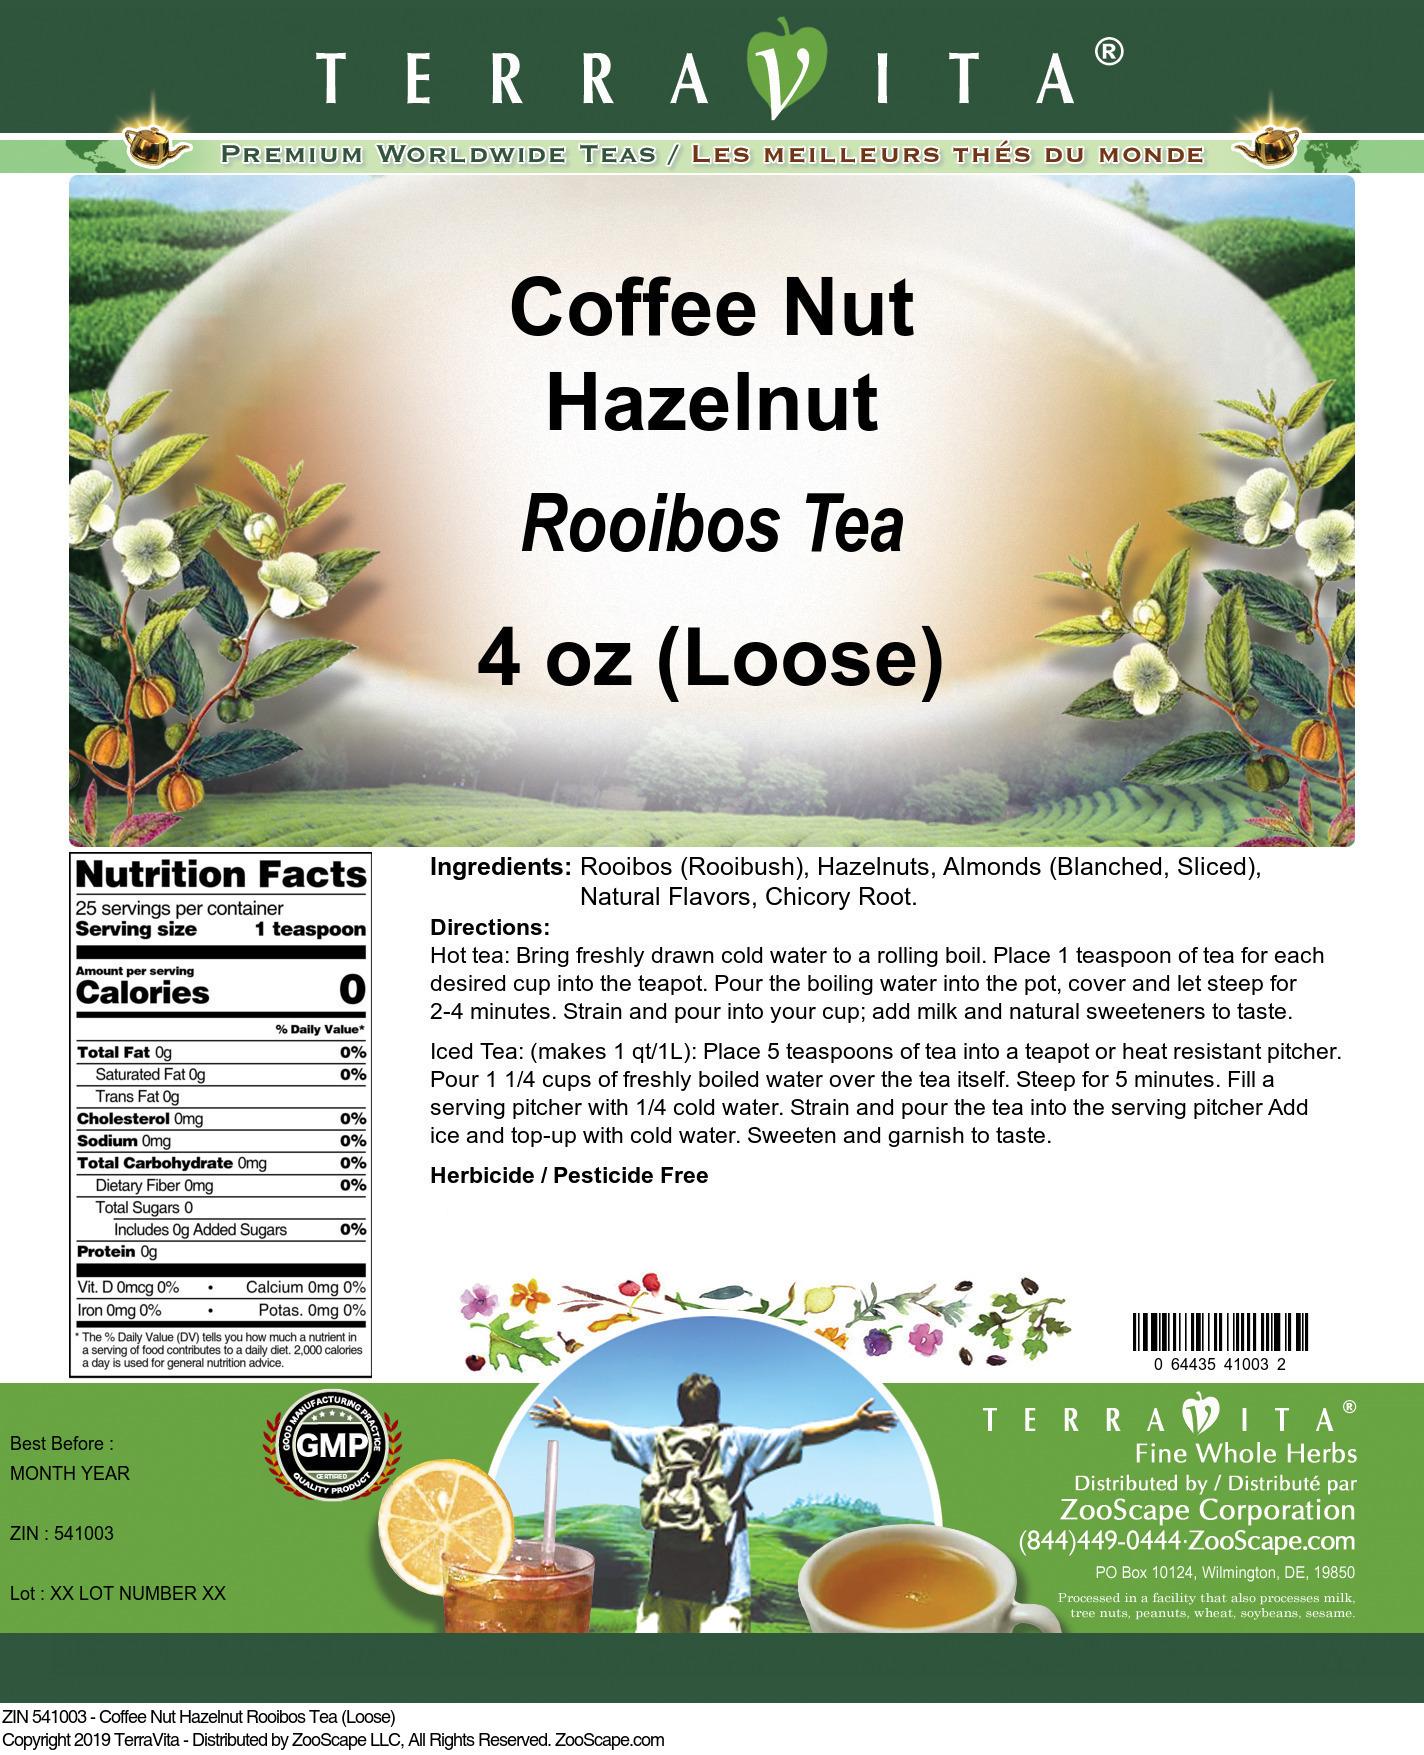 Coffee Nut Hazelnut Rooibos Tea